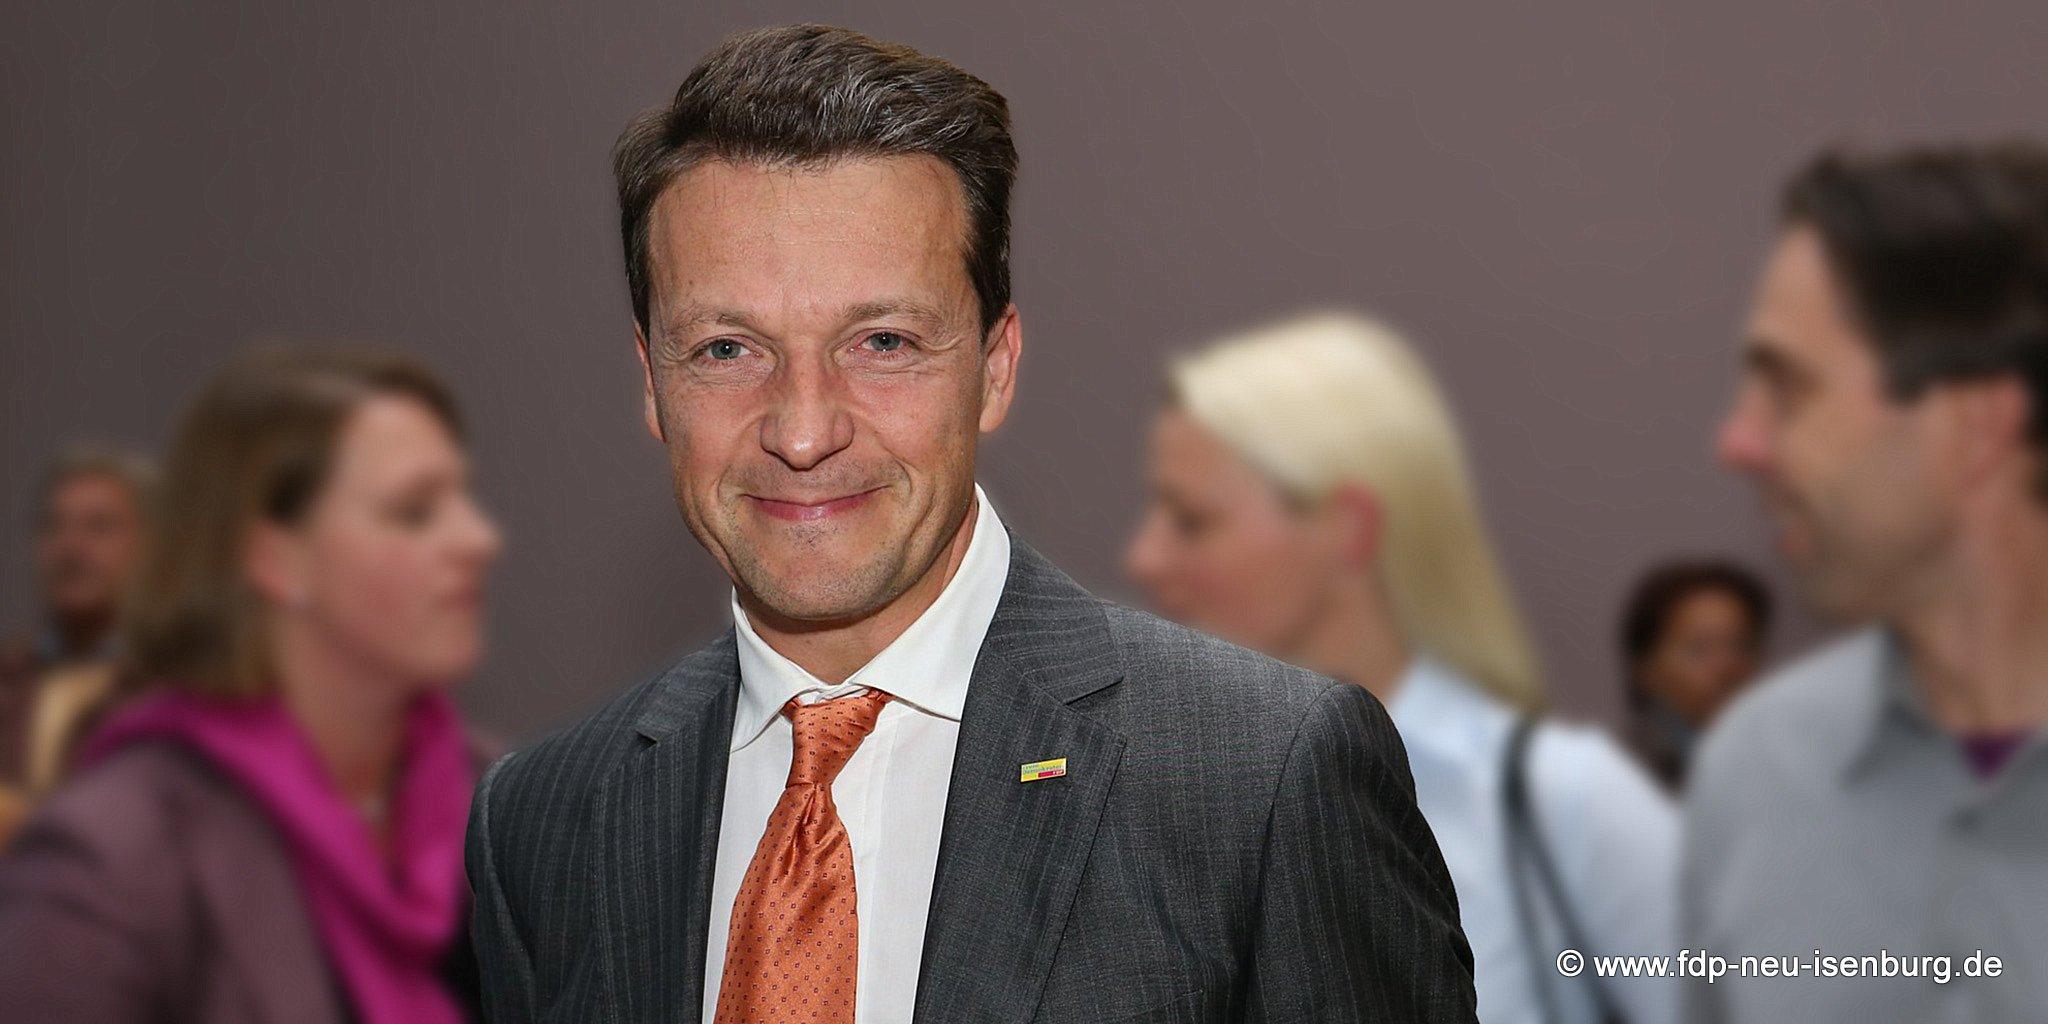 """Jörg Müller, Leiter der FDP-Arbeitsgruppe """"Stadtentwicklung und Mobilität"""